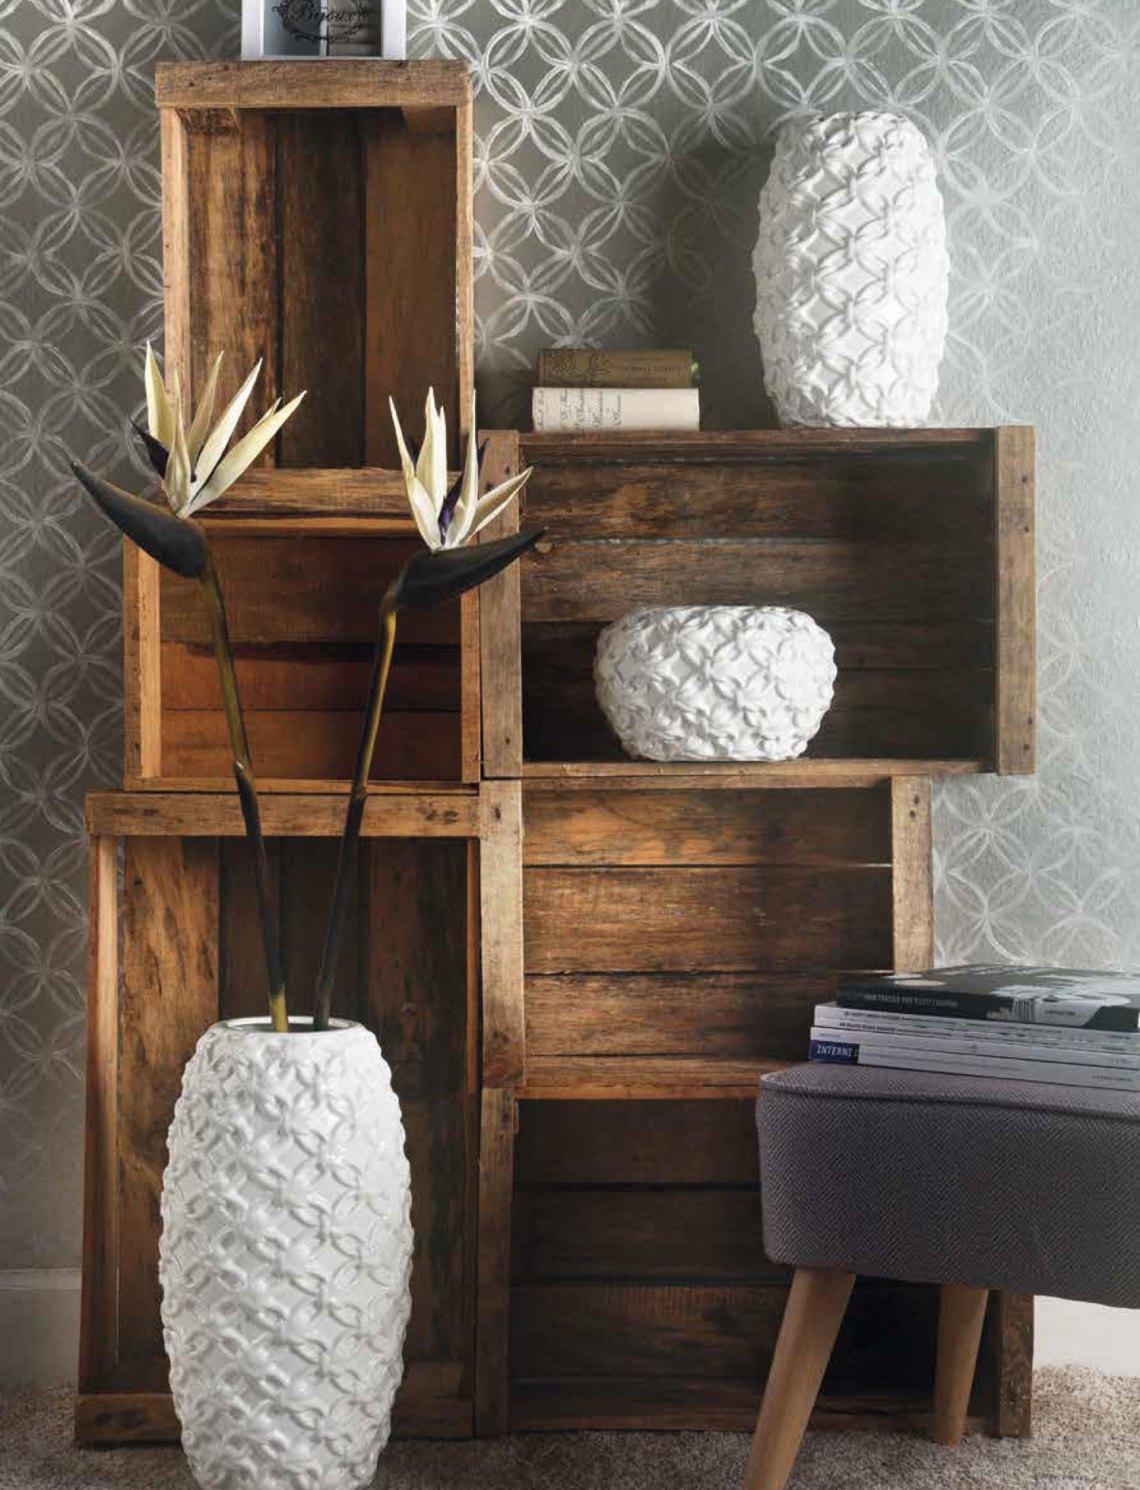 tavolini-originali - parete con cassette di legno e vasi